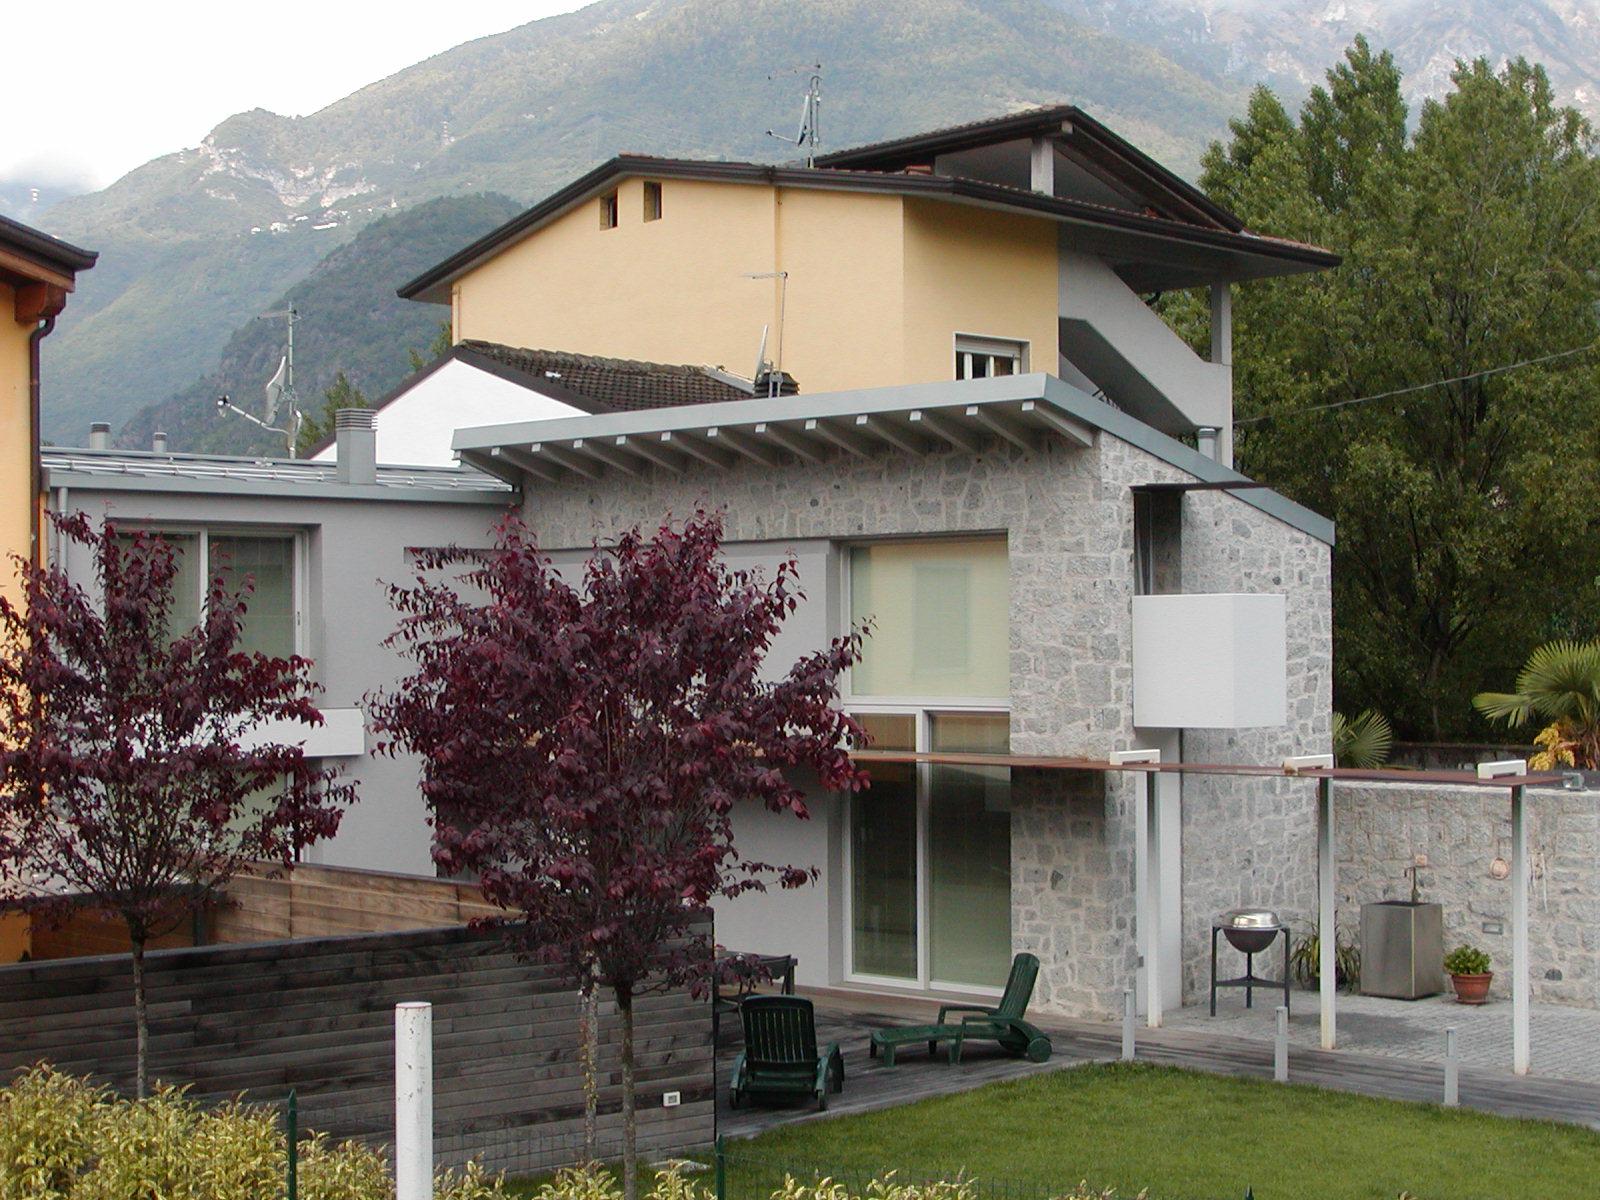 Studio-di-architettura-Baisotti-Sigala-prgetti99